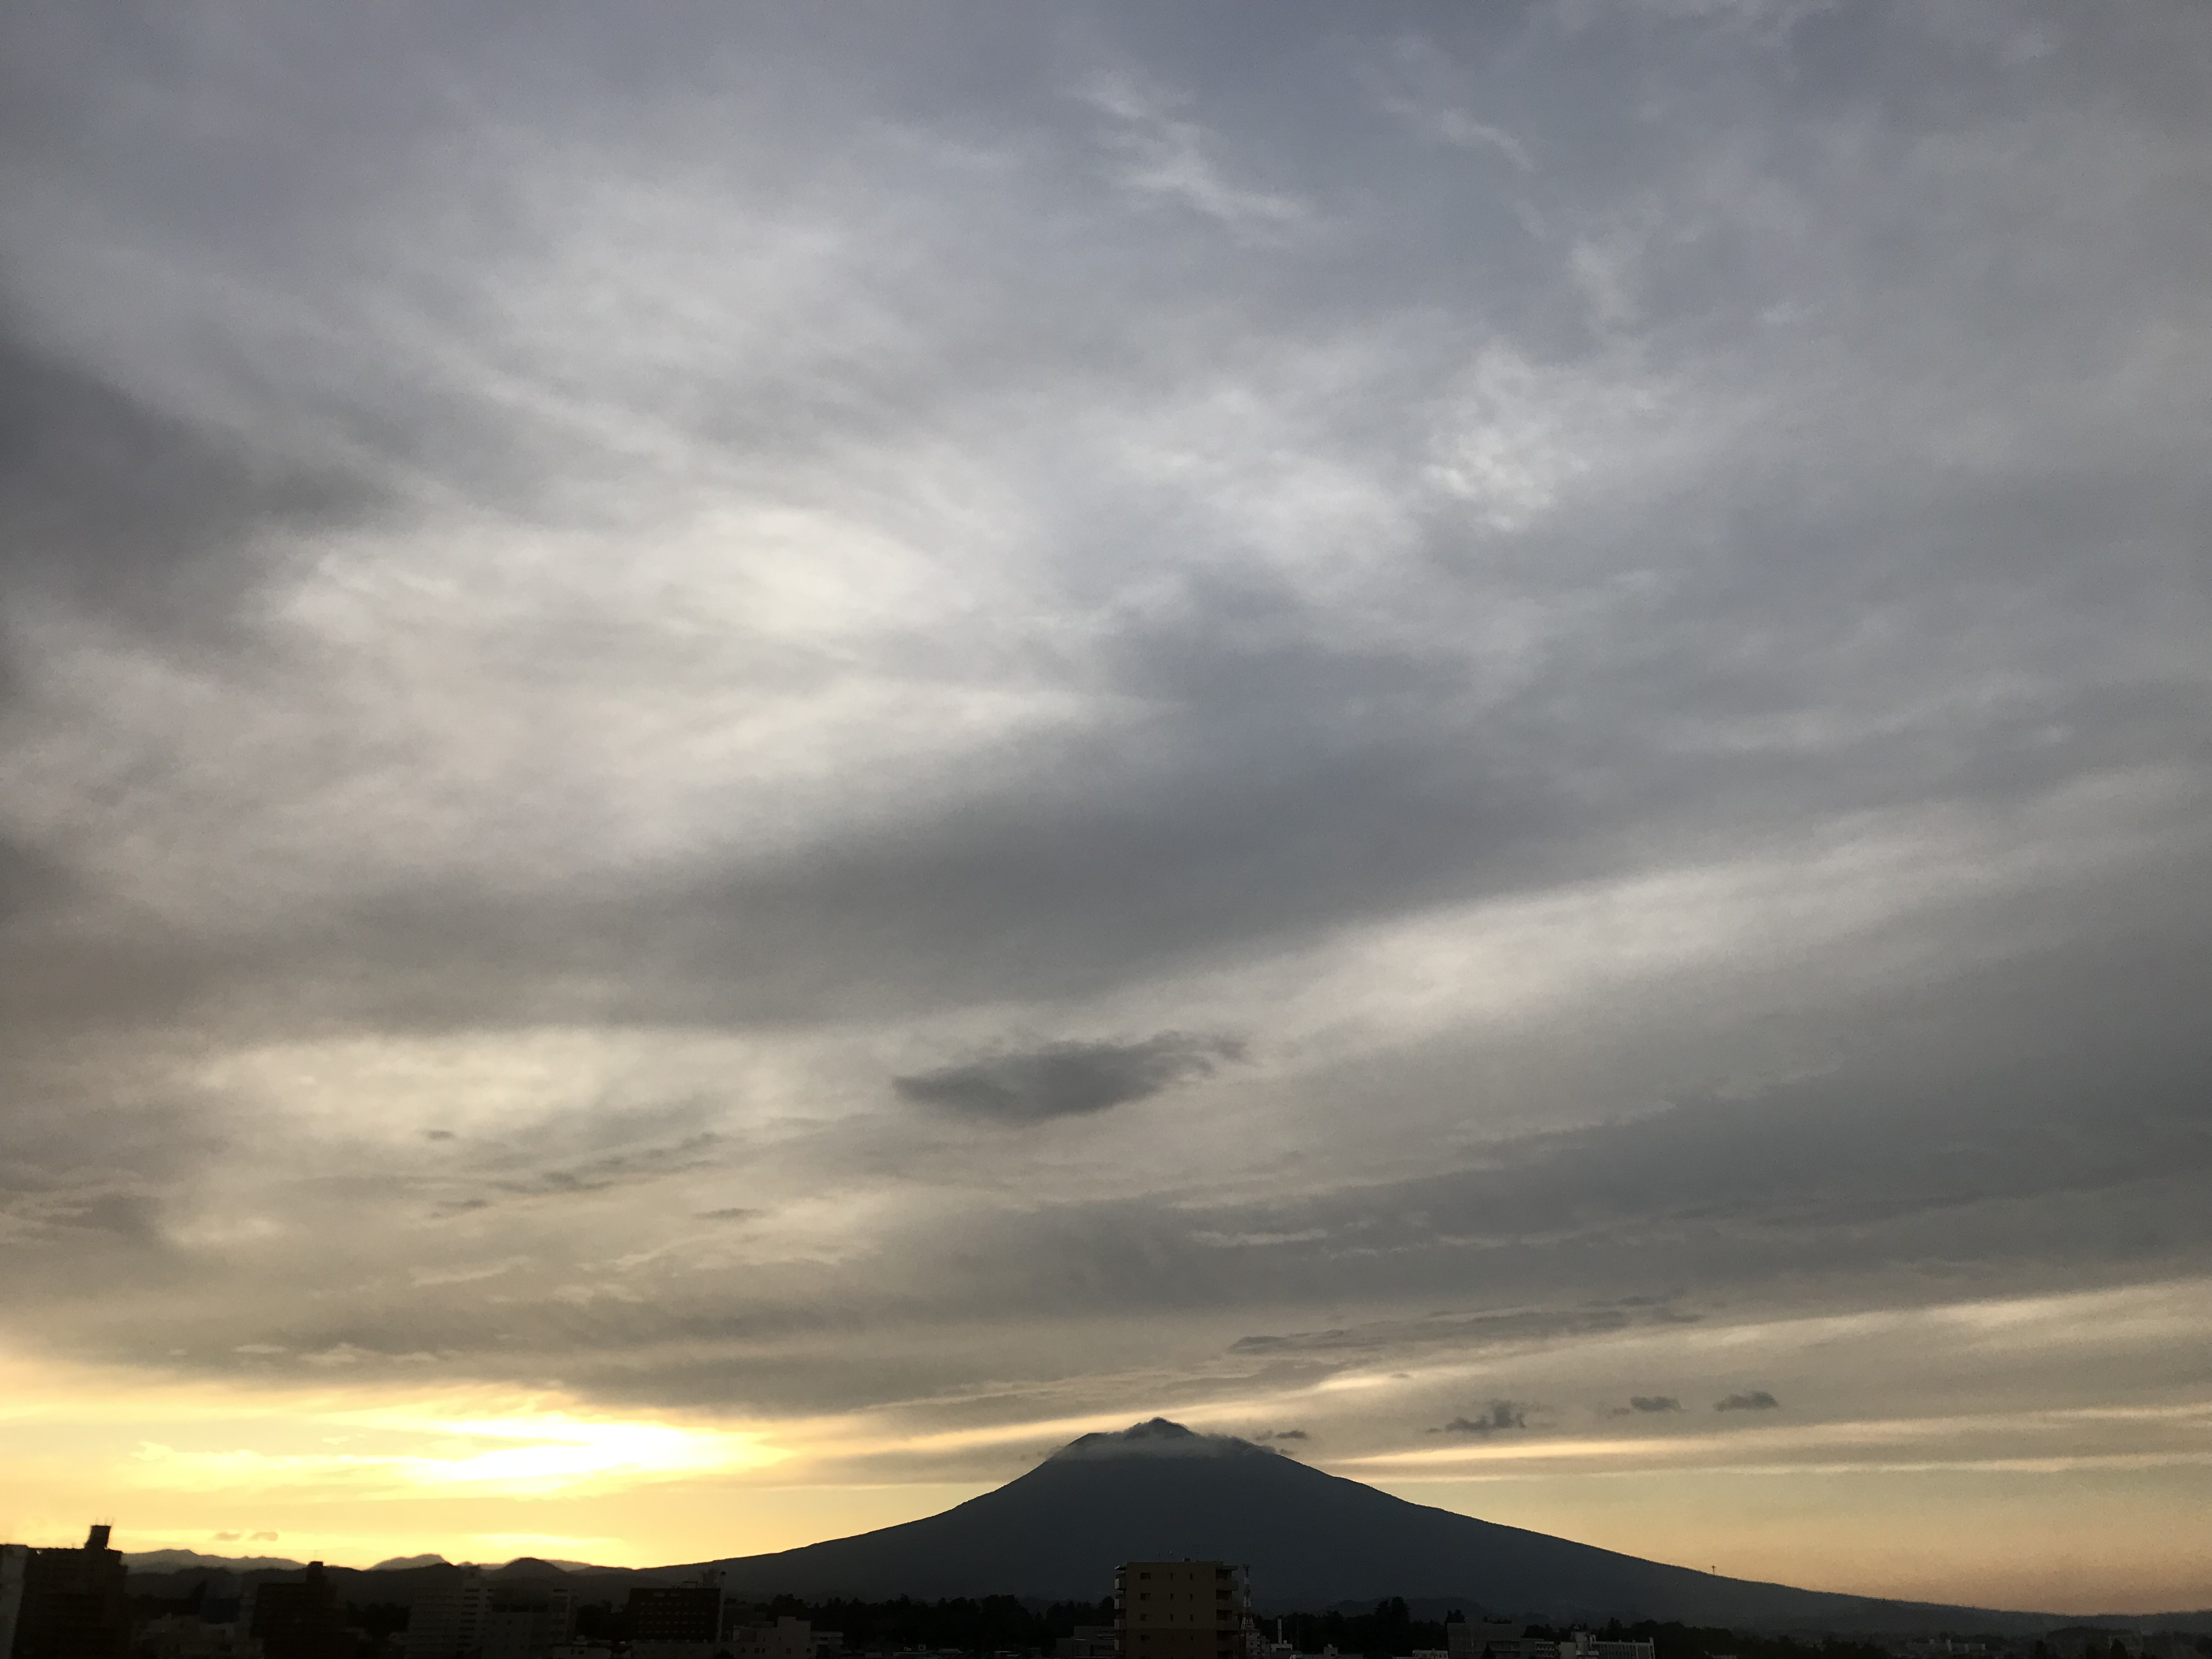 05:24pm,04,sep.2021 / AOMORI / photographic equipment:iPhone7